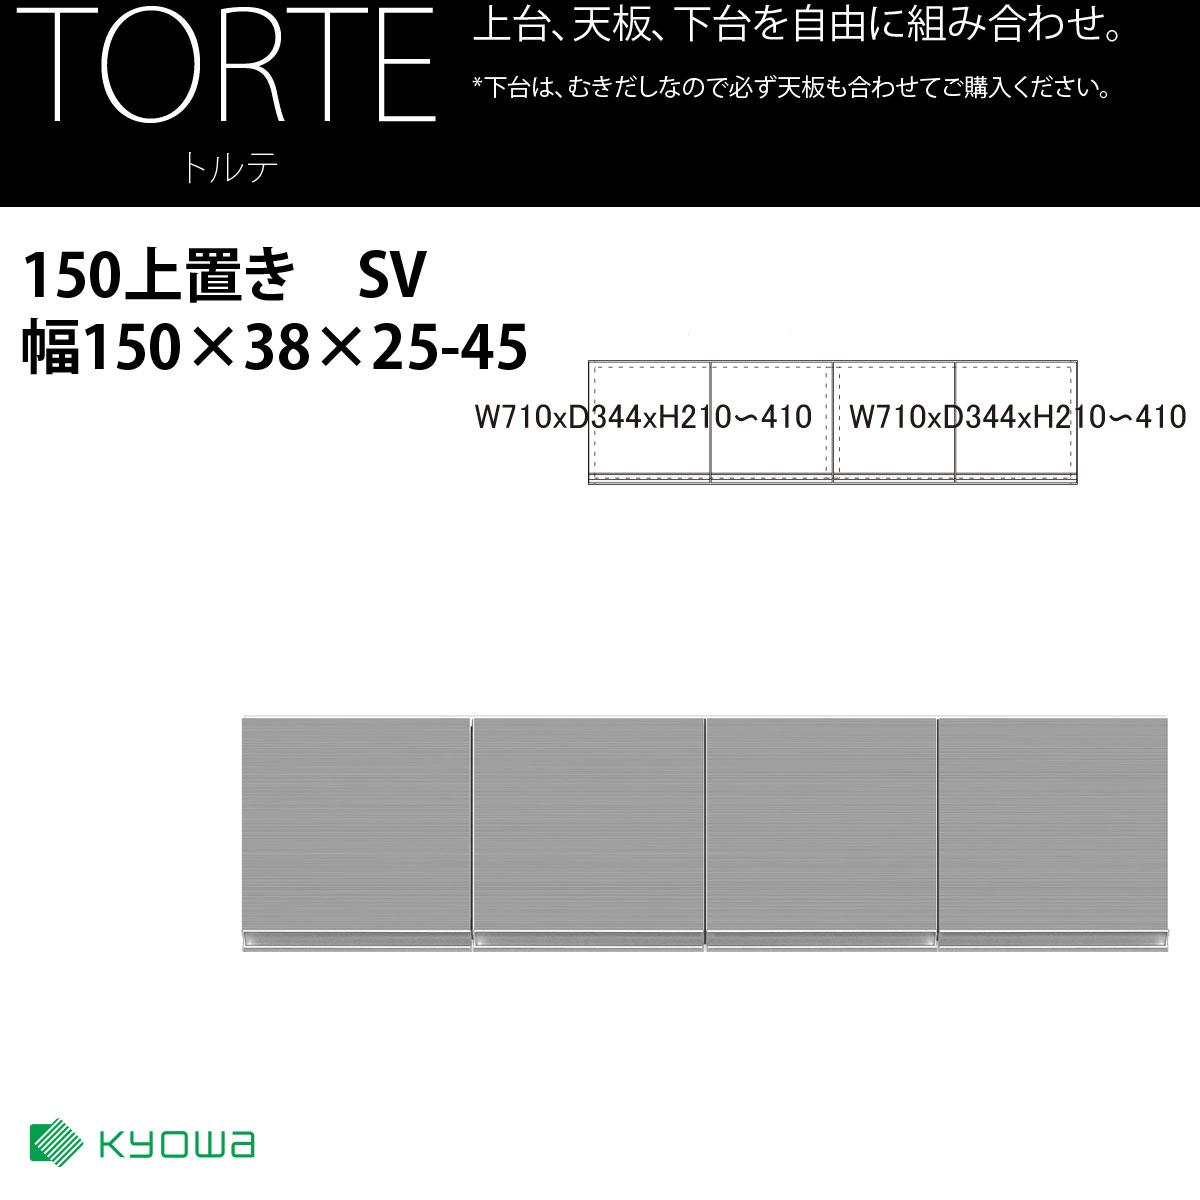 共和産業 トルテ 高さオーダー上置き 150 シルバー【幅150×高さ25-45cm】 日本製 国産